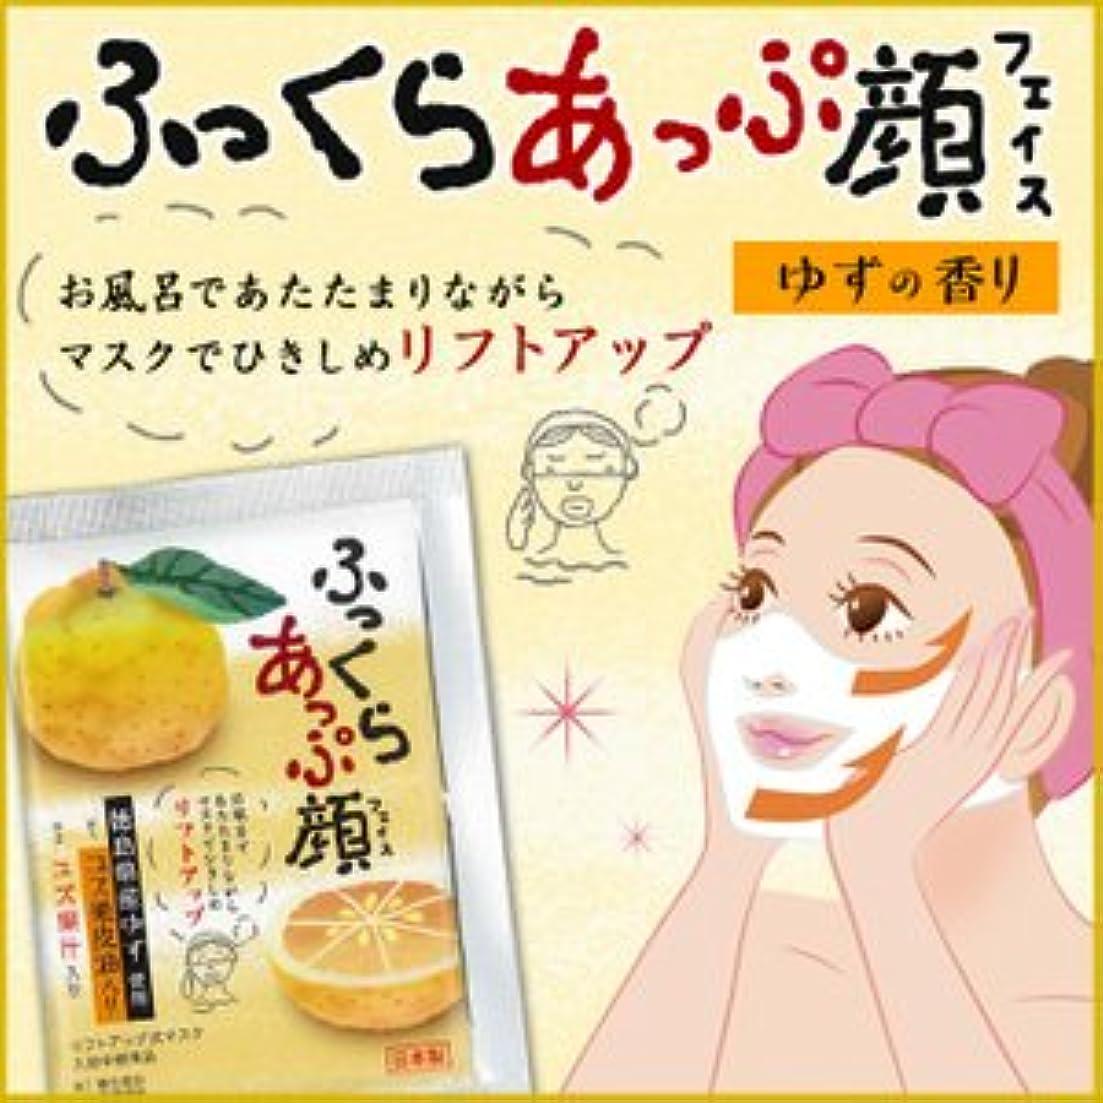 コック発行するステーキリフトアップ フェイスマスク ゆずの香り(20ml×1×7枚)